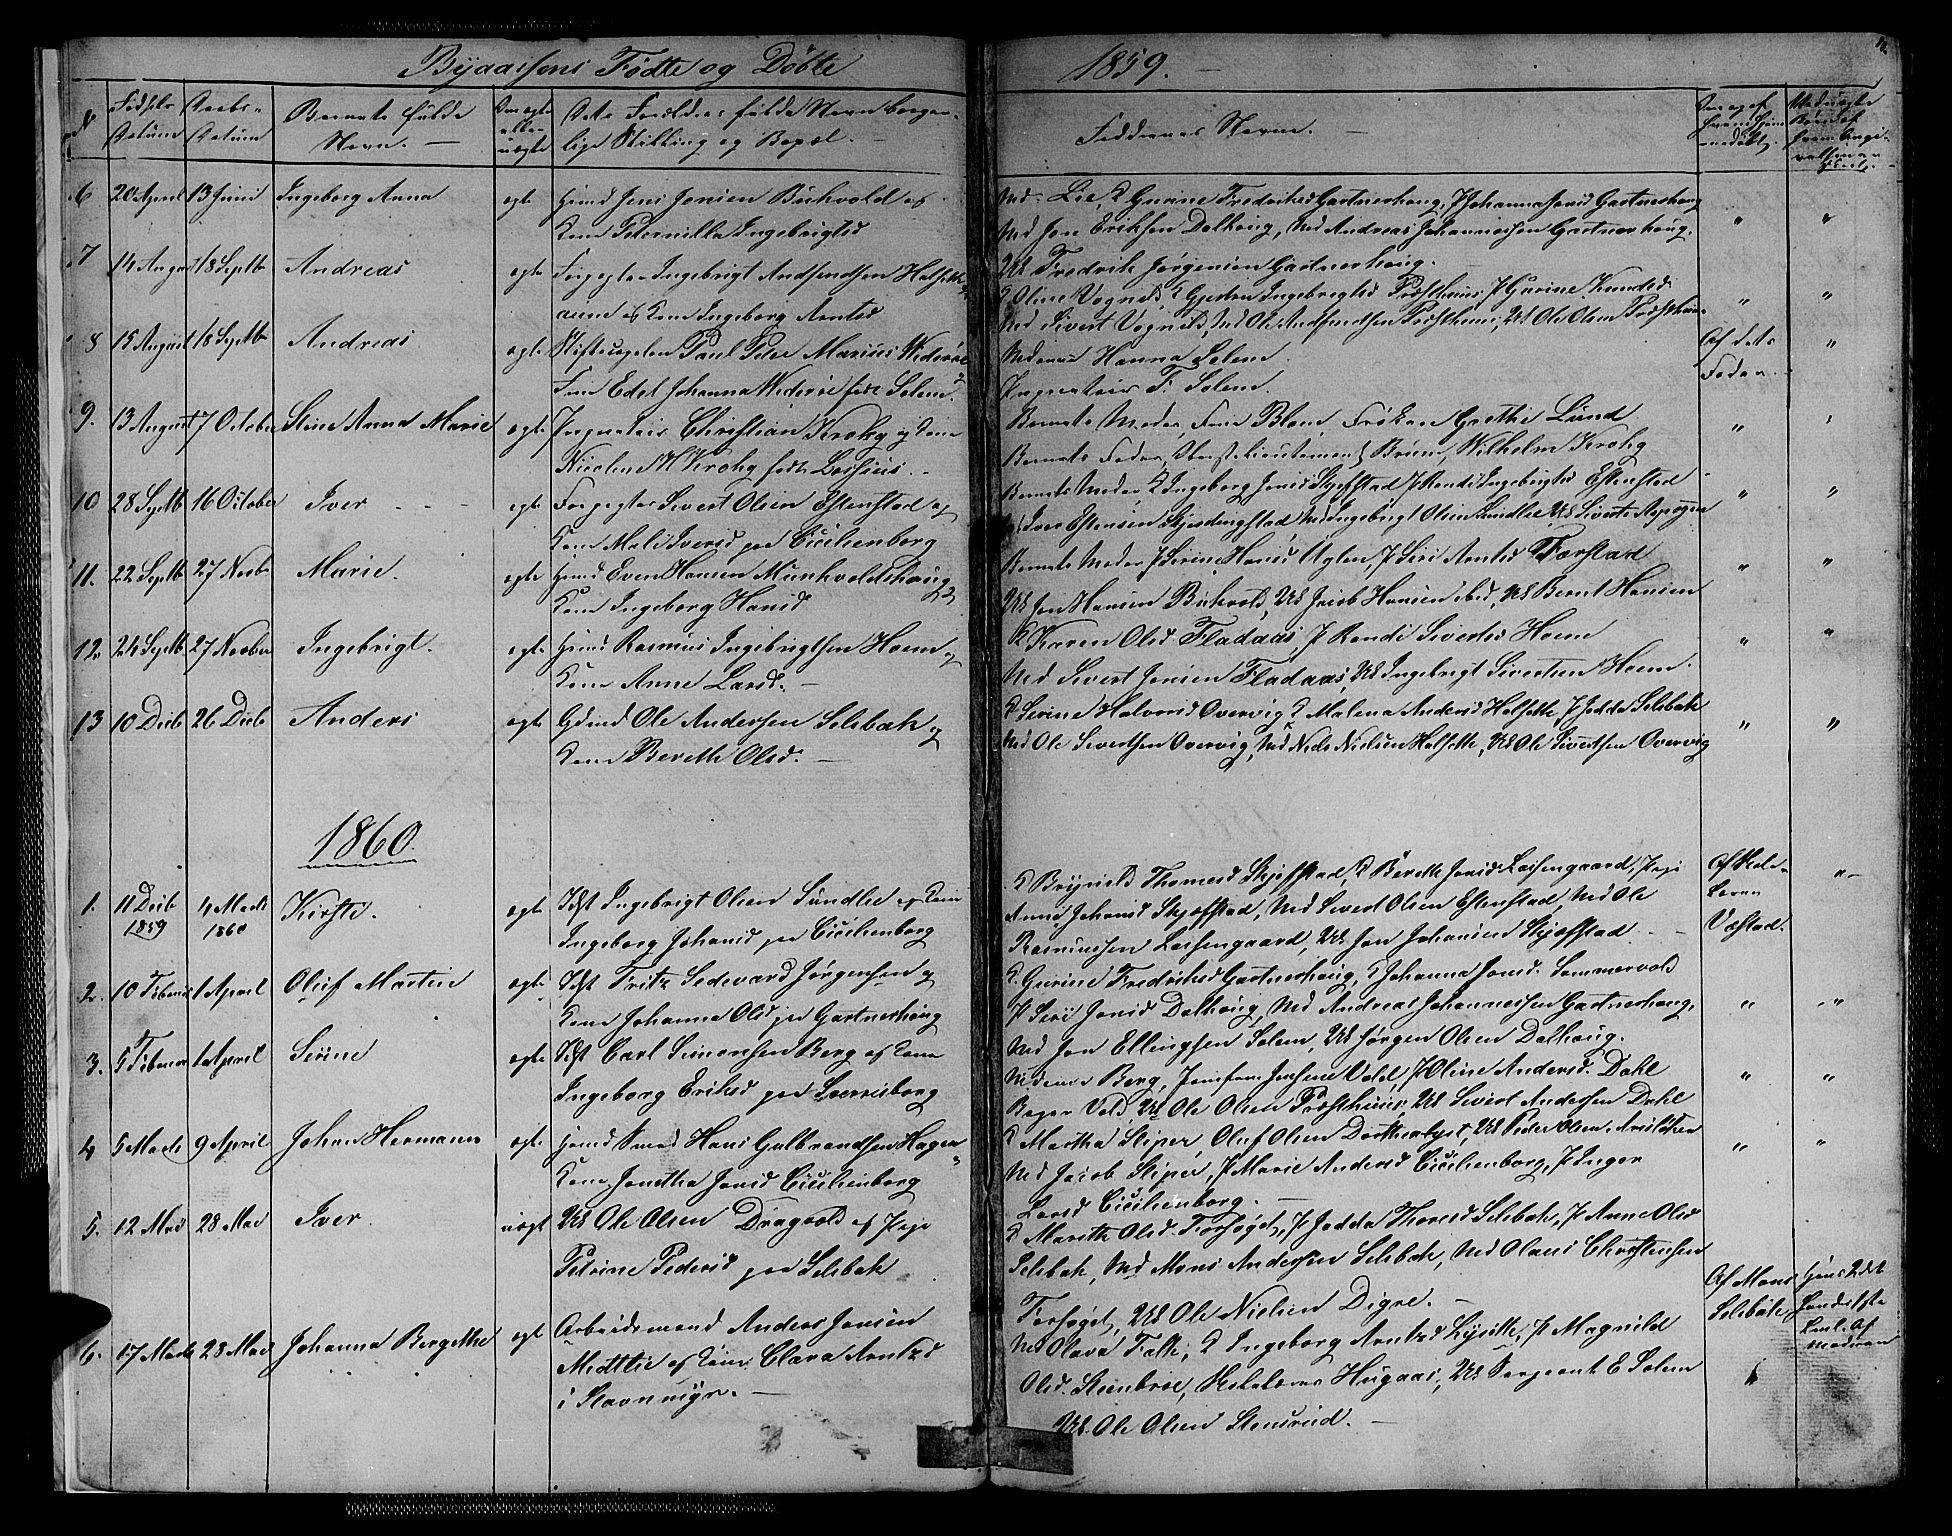 SAT, Ministerialprotokoller, klokkerbøker og fødselsregistre - Sør-Trøndelag, 611/L0353: Klokkerbok nr. 611C01, 1854-1881, s. 4